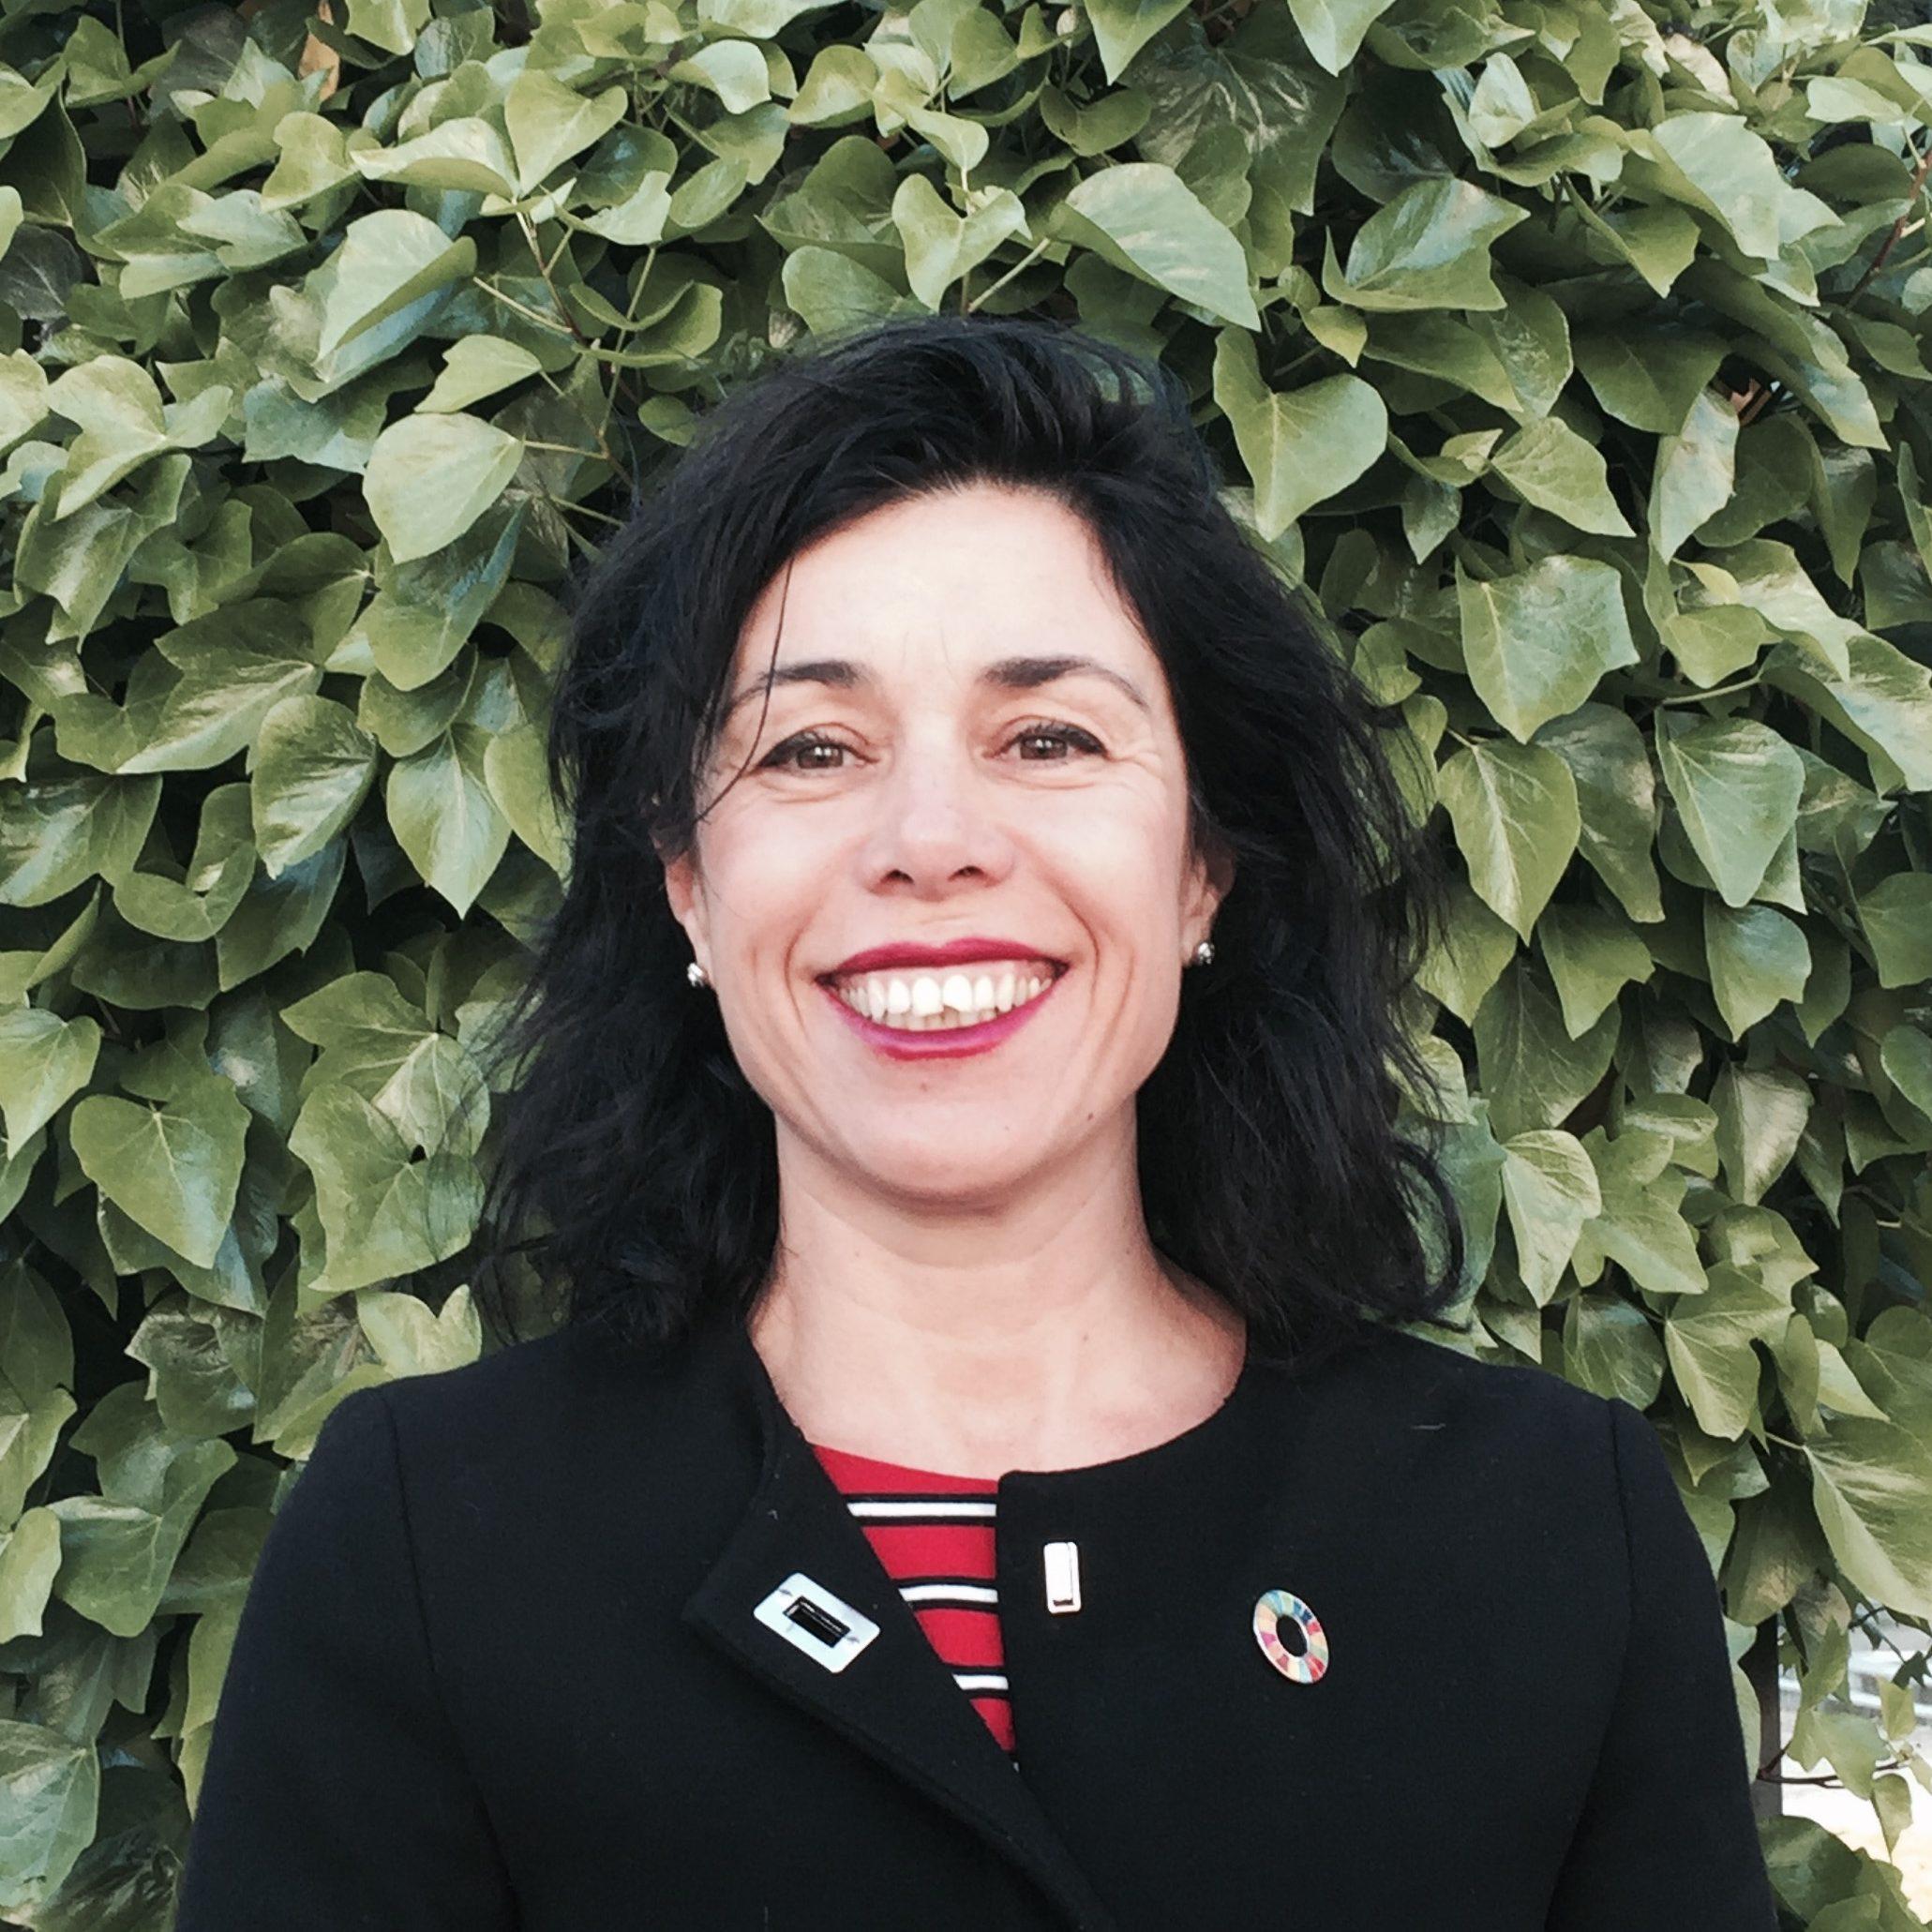 Monica Oviedo